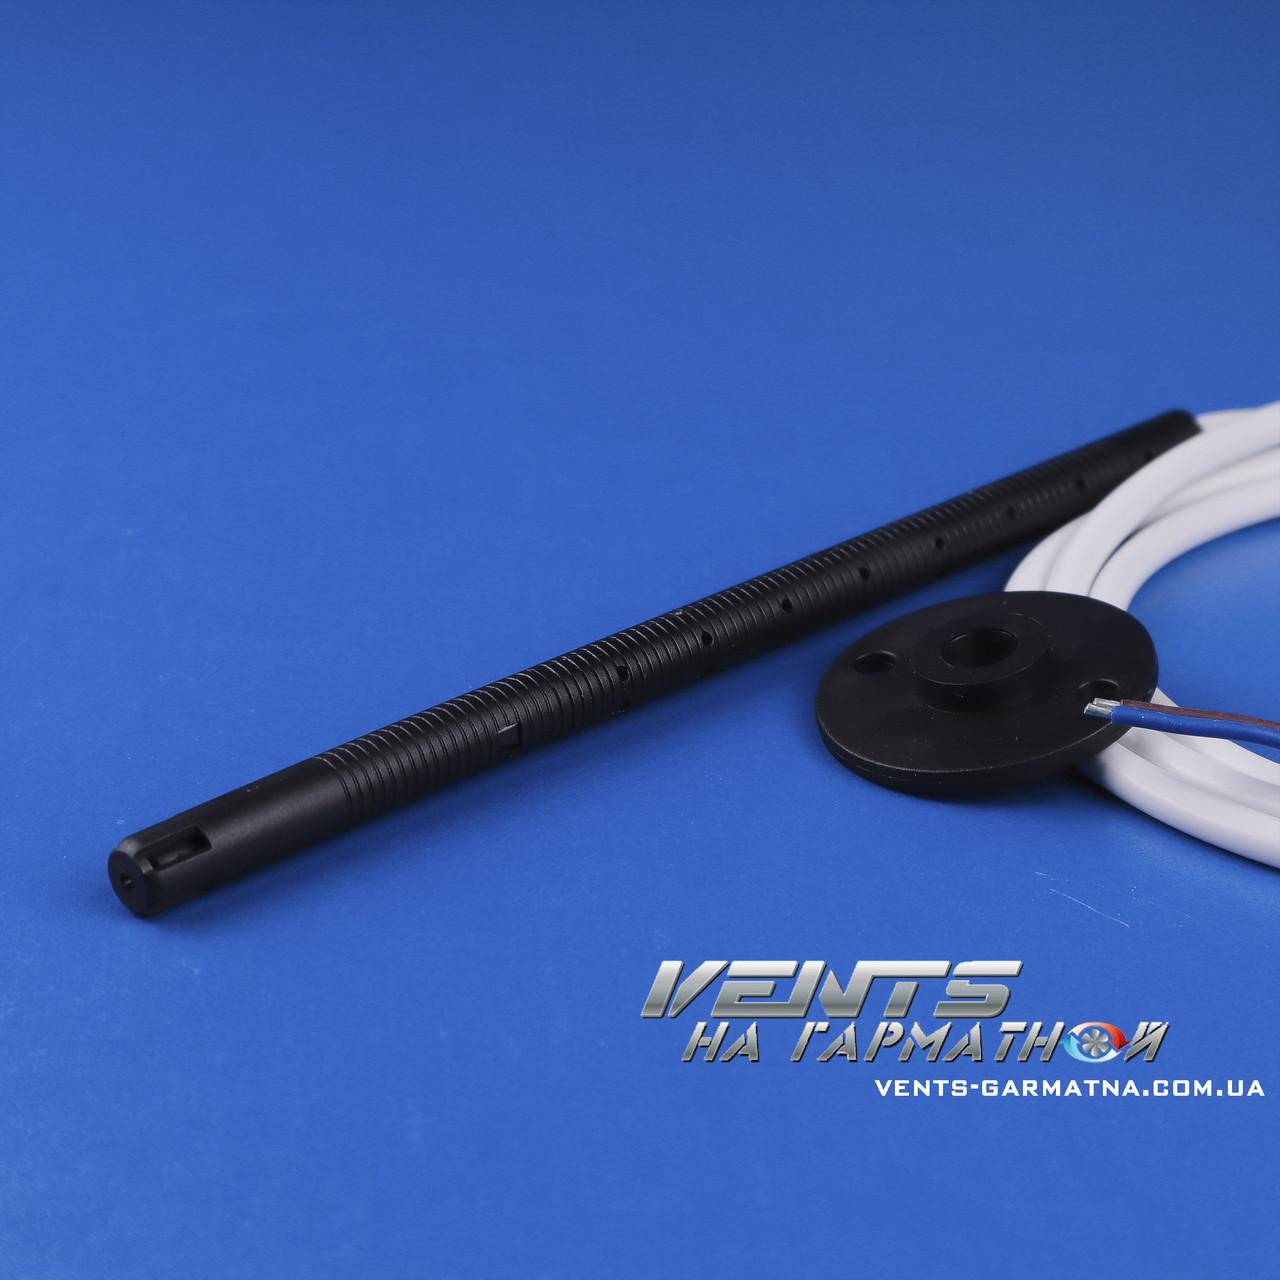 Вентс TG-K330. Канальный датчик температуры